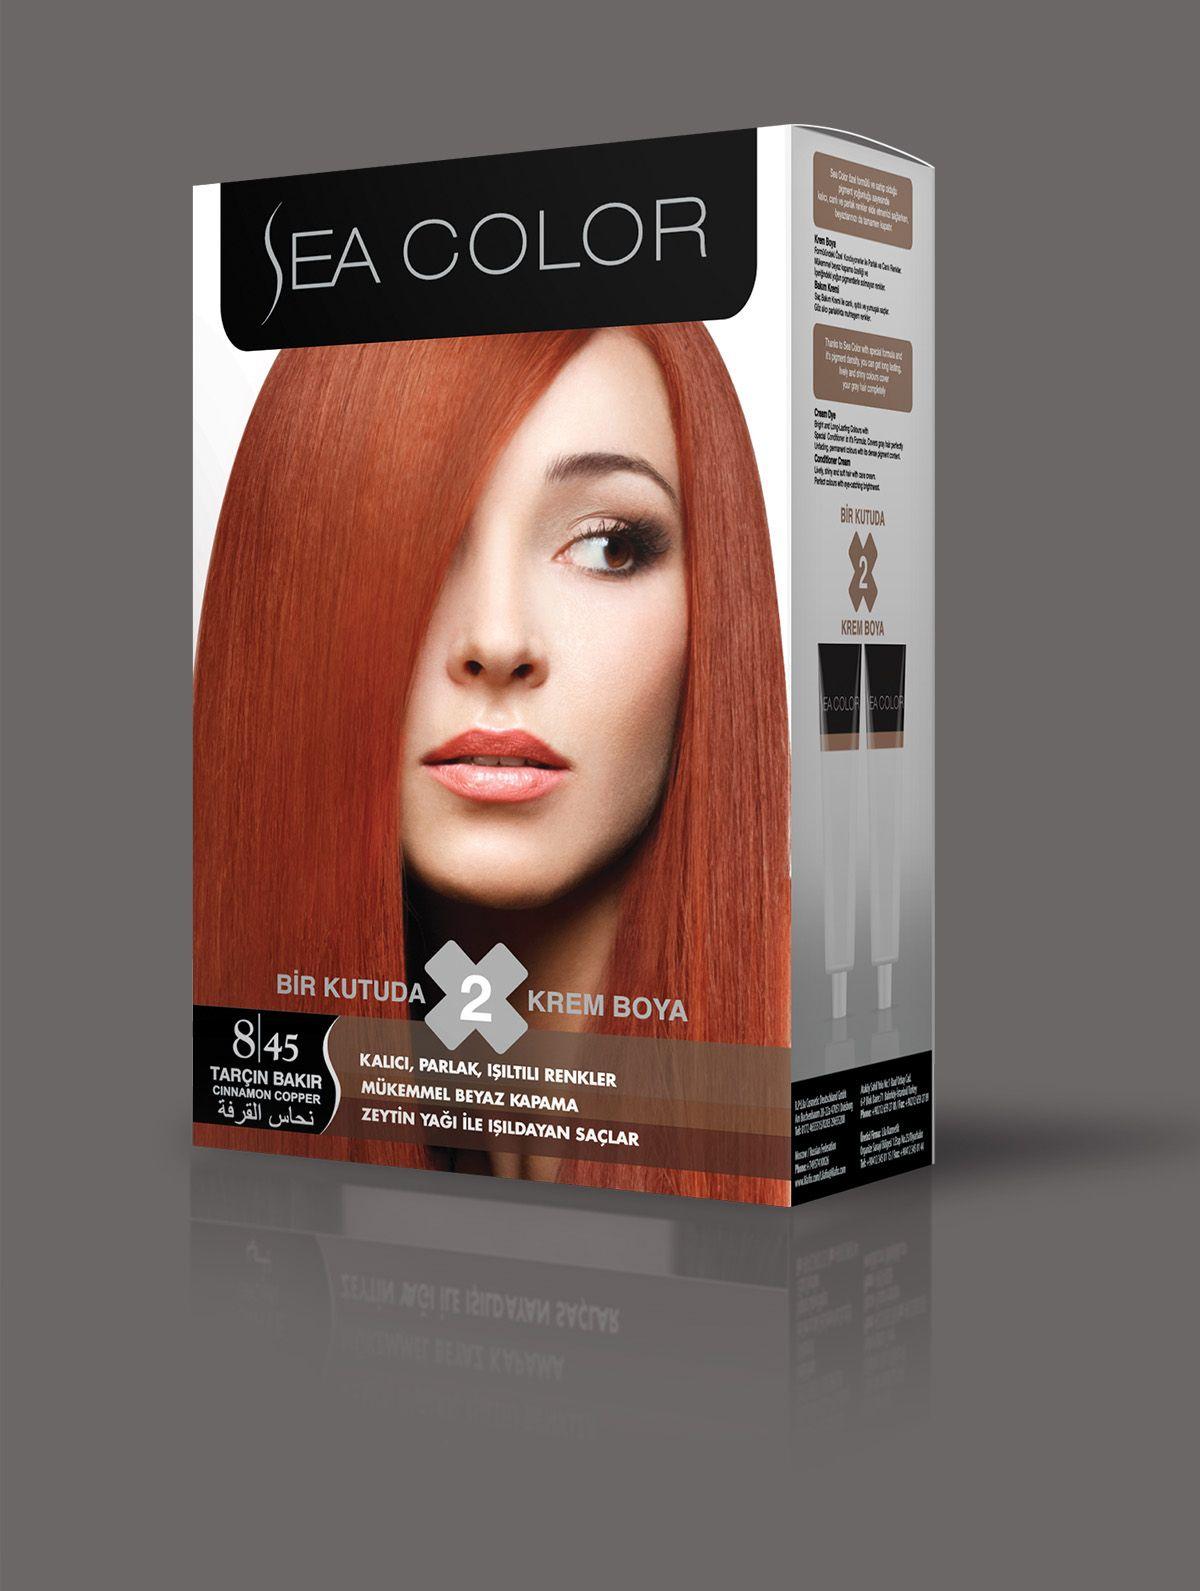 Sea Color Sac Boyasi 8 45 Tarcin Bakir Renkler Sac Sac Boyasi